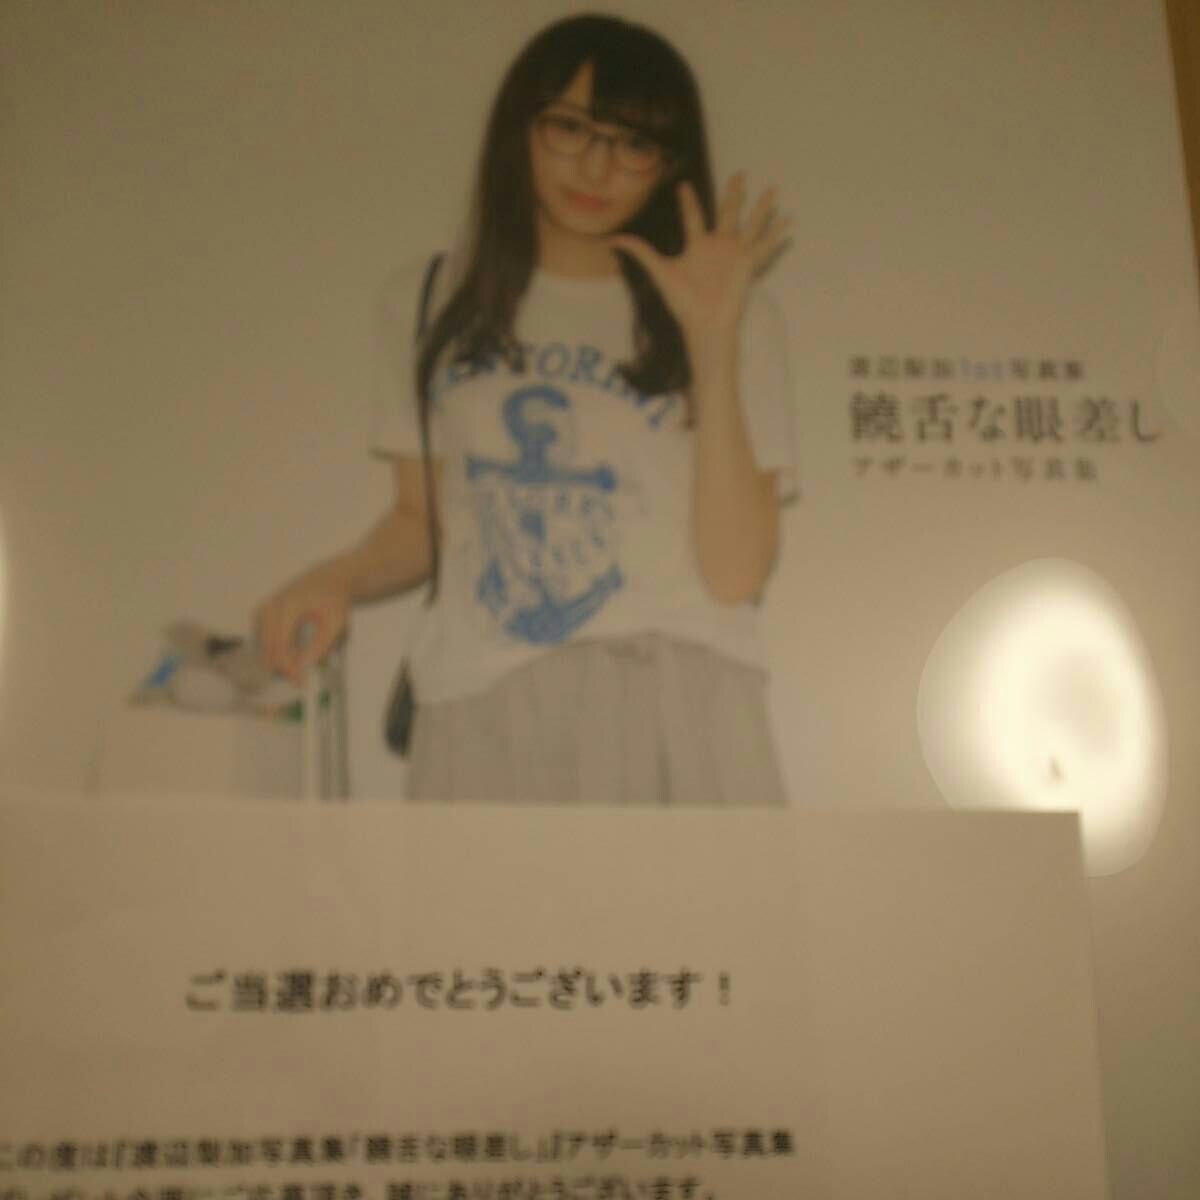 激レア当選品 欅坂46 渡辺梨加 アザーカット 写真集 饒舌な眼差し 格安!